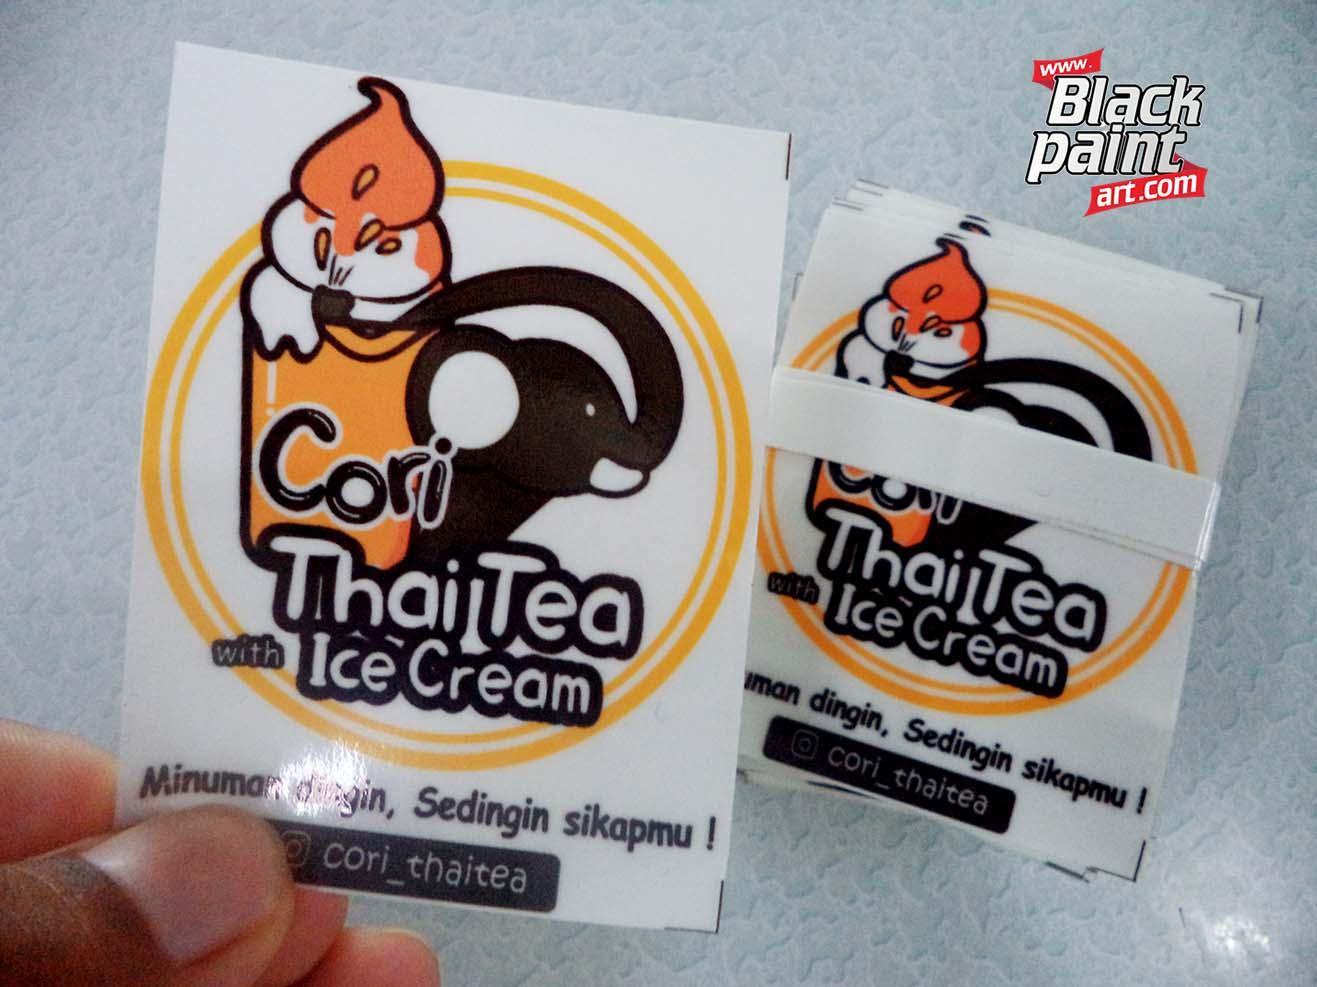 339 cetak sticker pekanbaru.jpg